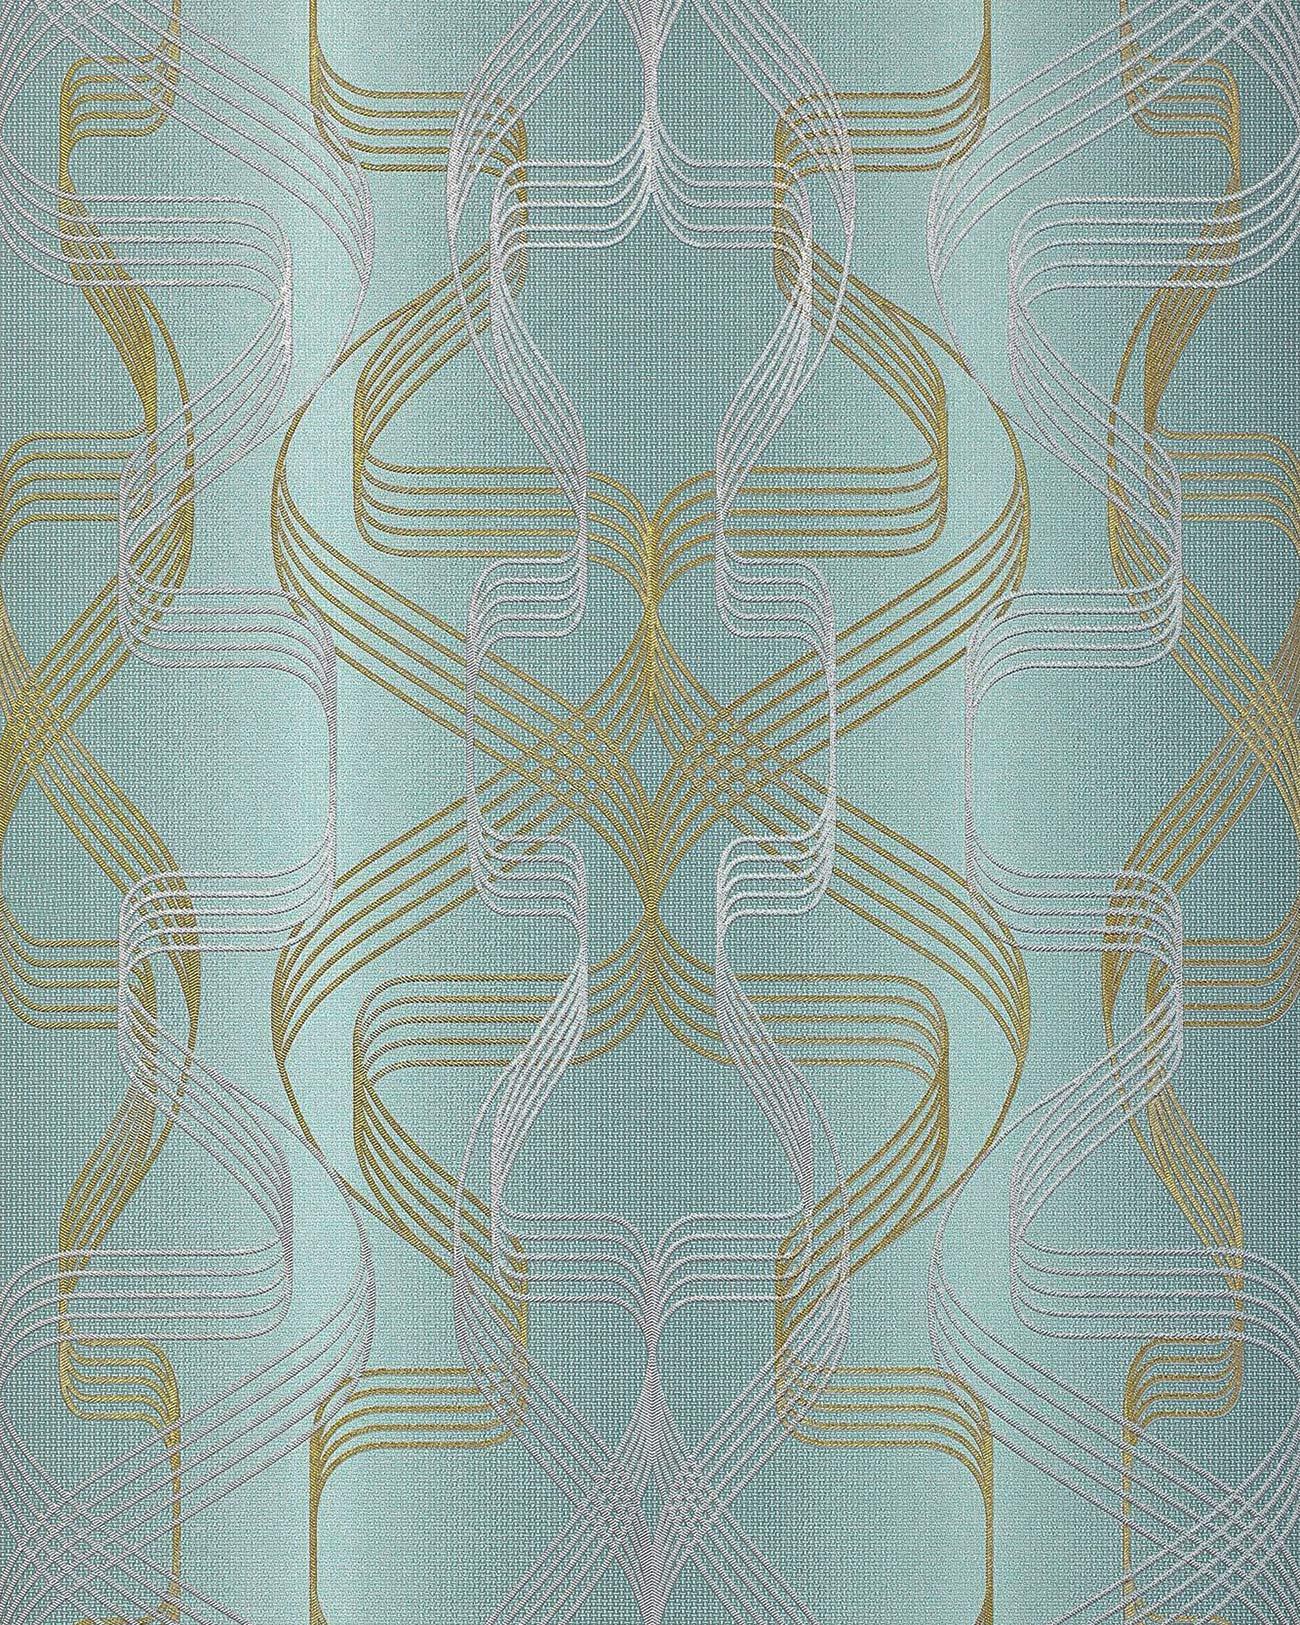 Grafisch behang edem 507 25 opgeschuimd vinylbehang gestructureerd met abstract patroon en - Grafisch behang ...